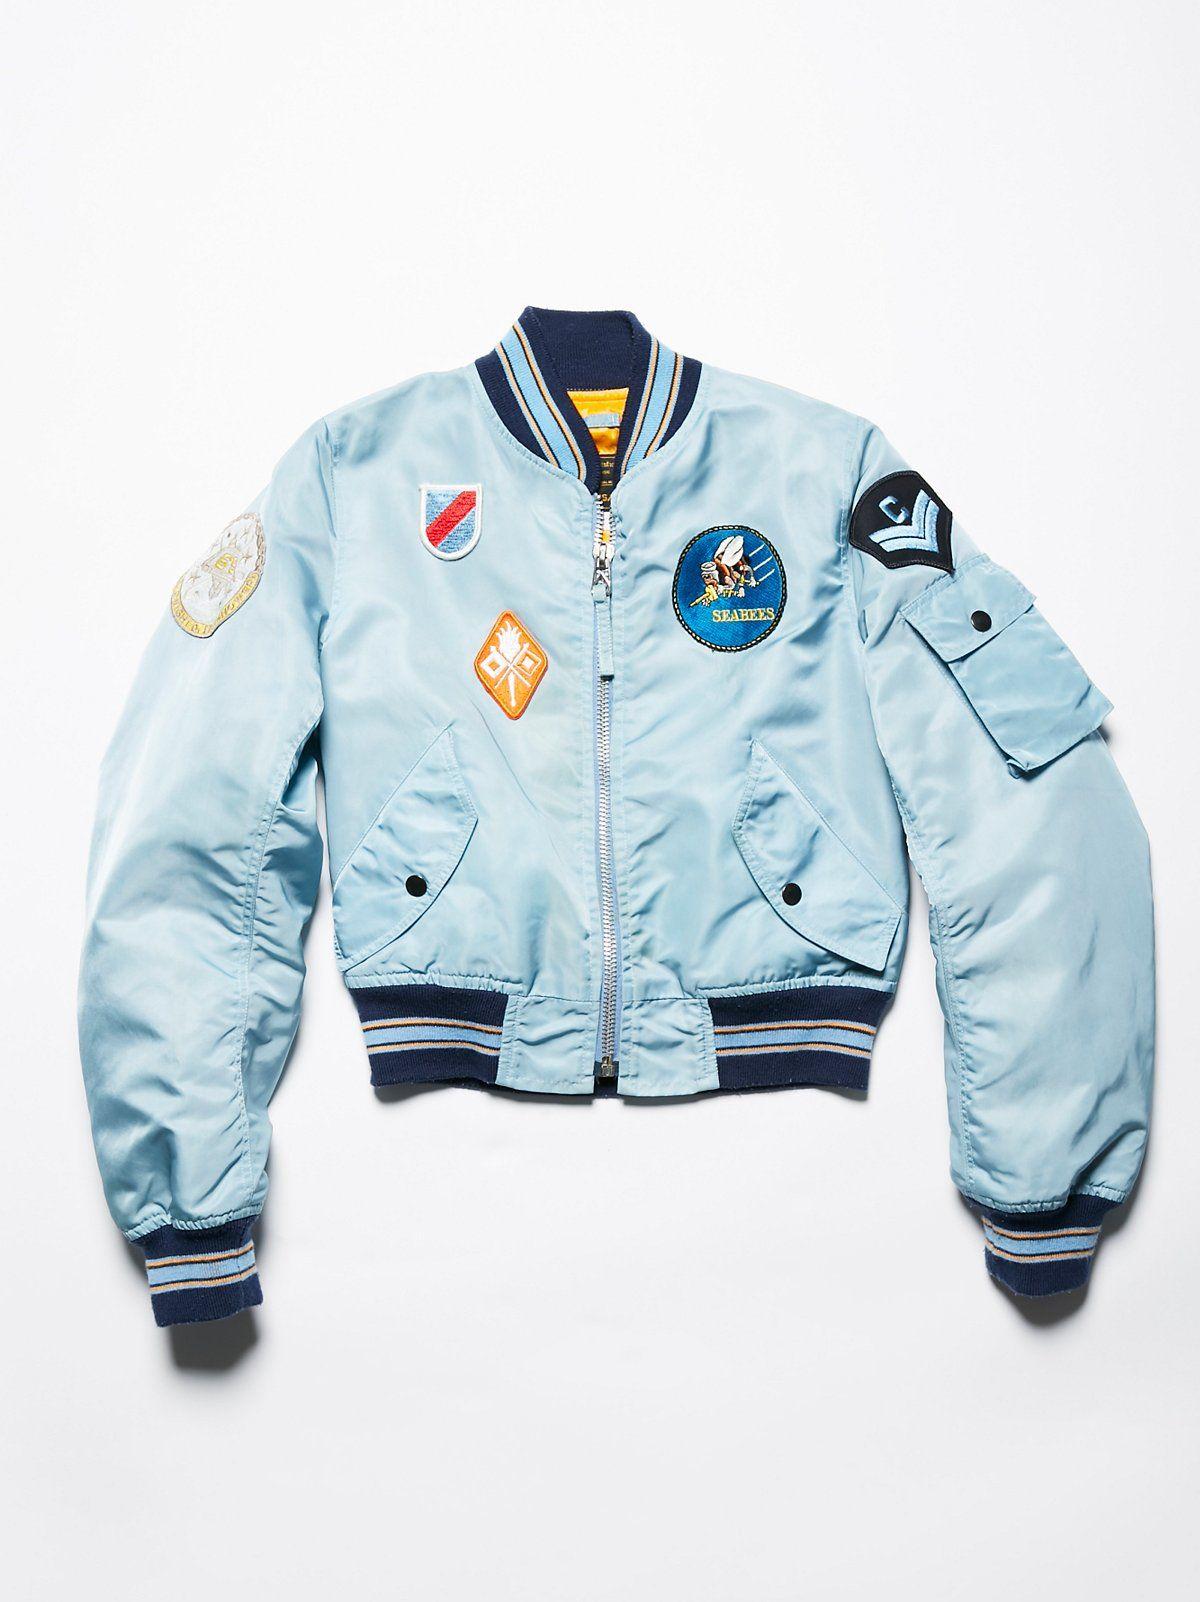 Vintage Flight Bomber Jacket Blue Bomber Jacket Bomber Jacket Vintage Bomber Jacket Patches